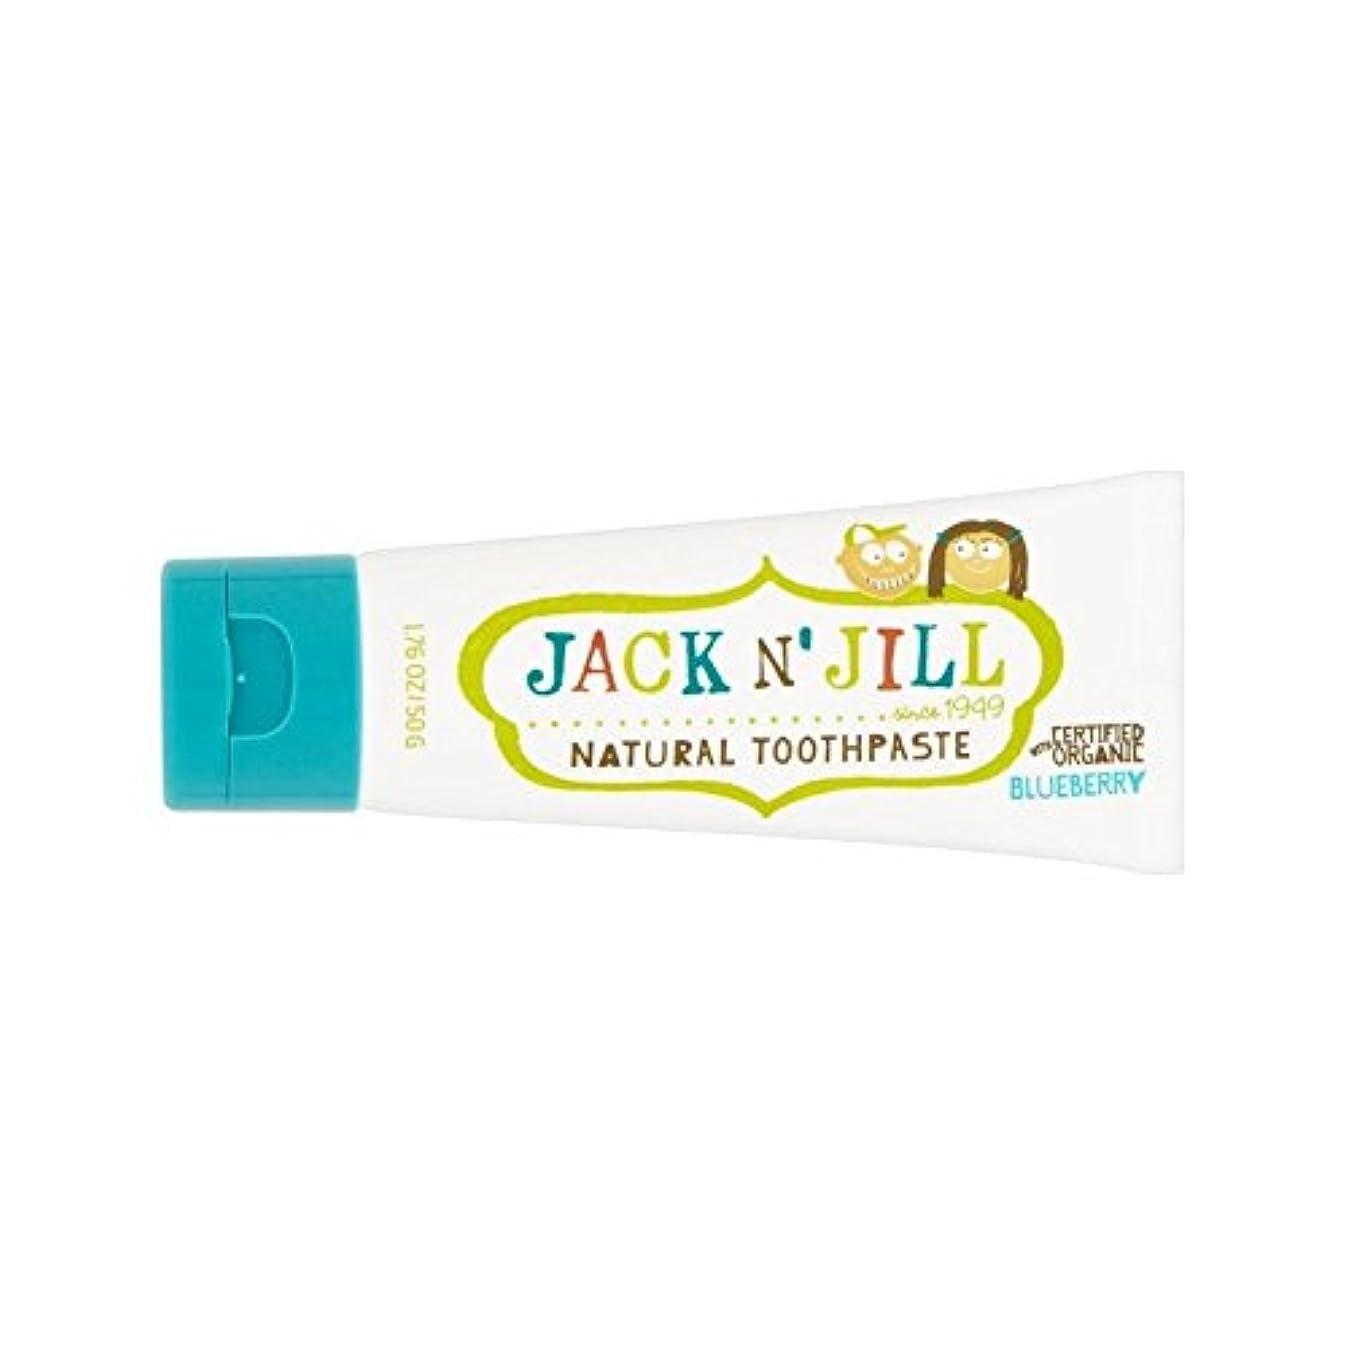 土地配分感謝している有機香味50グラムとの自然なブルーベリー歯磨き粉 (Jack N Jill) (x 2) - Jack N' Jill Blueberry Toothpaste Natural with Organic Flavouring 50g (Pack of 2) [並行輸入品]